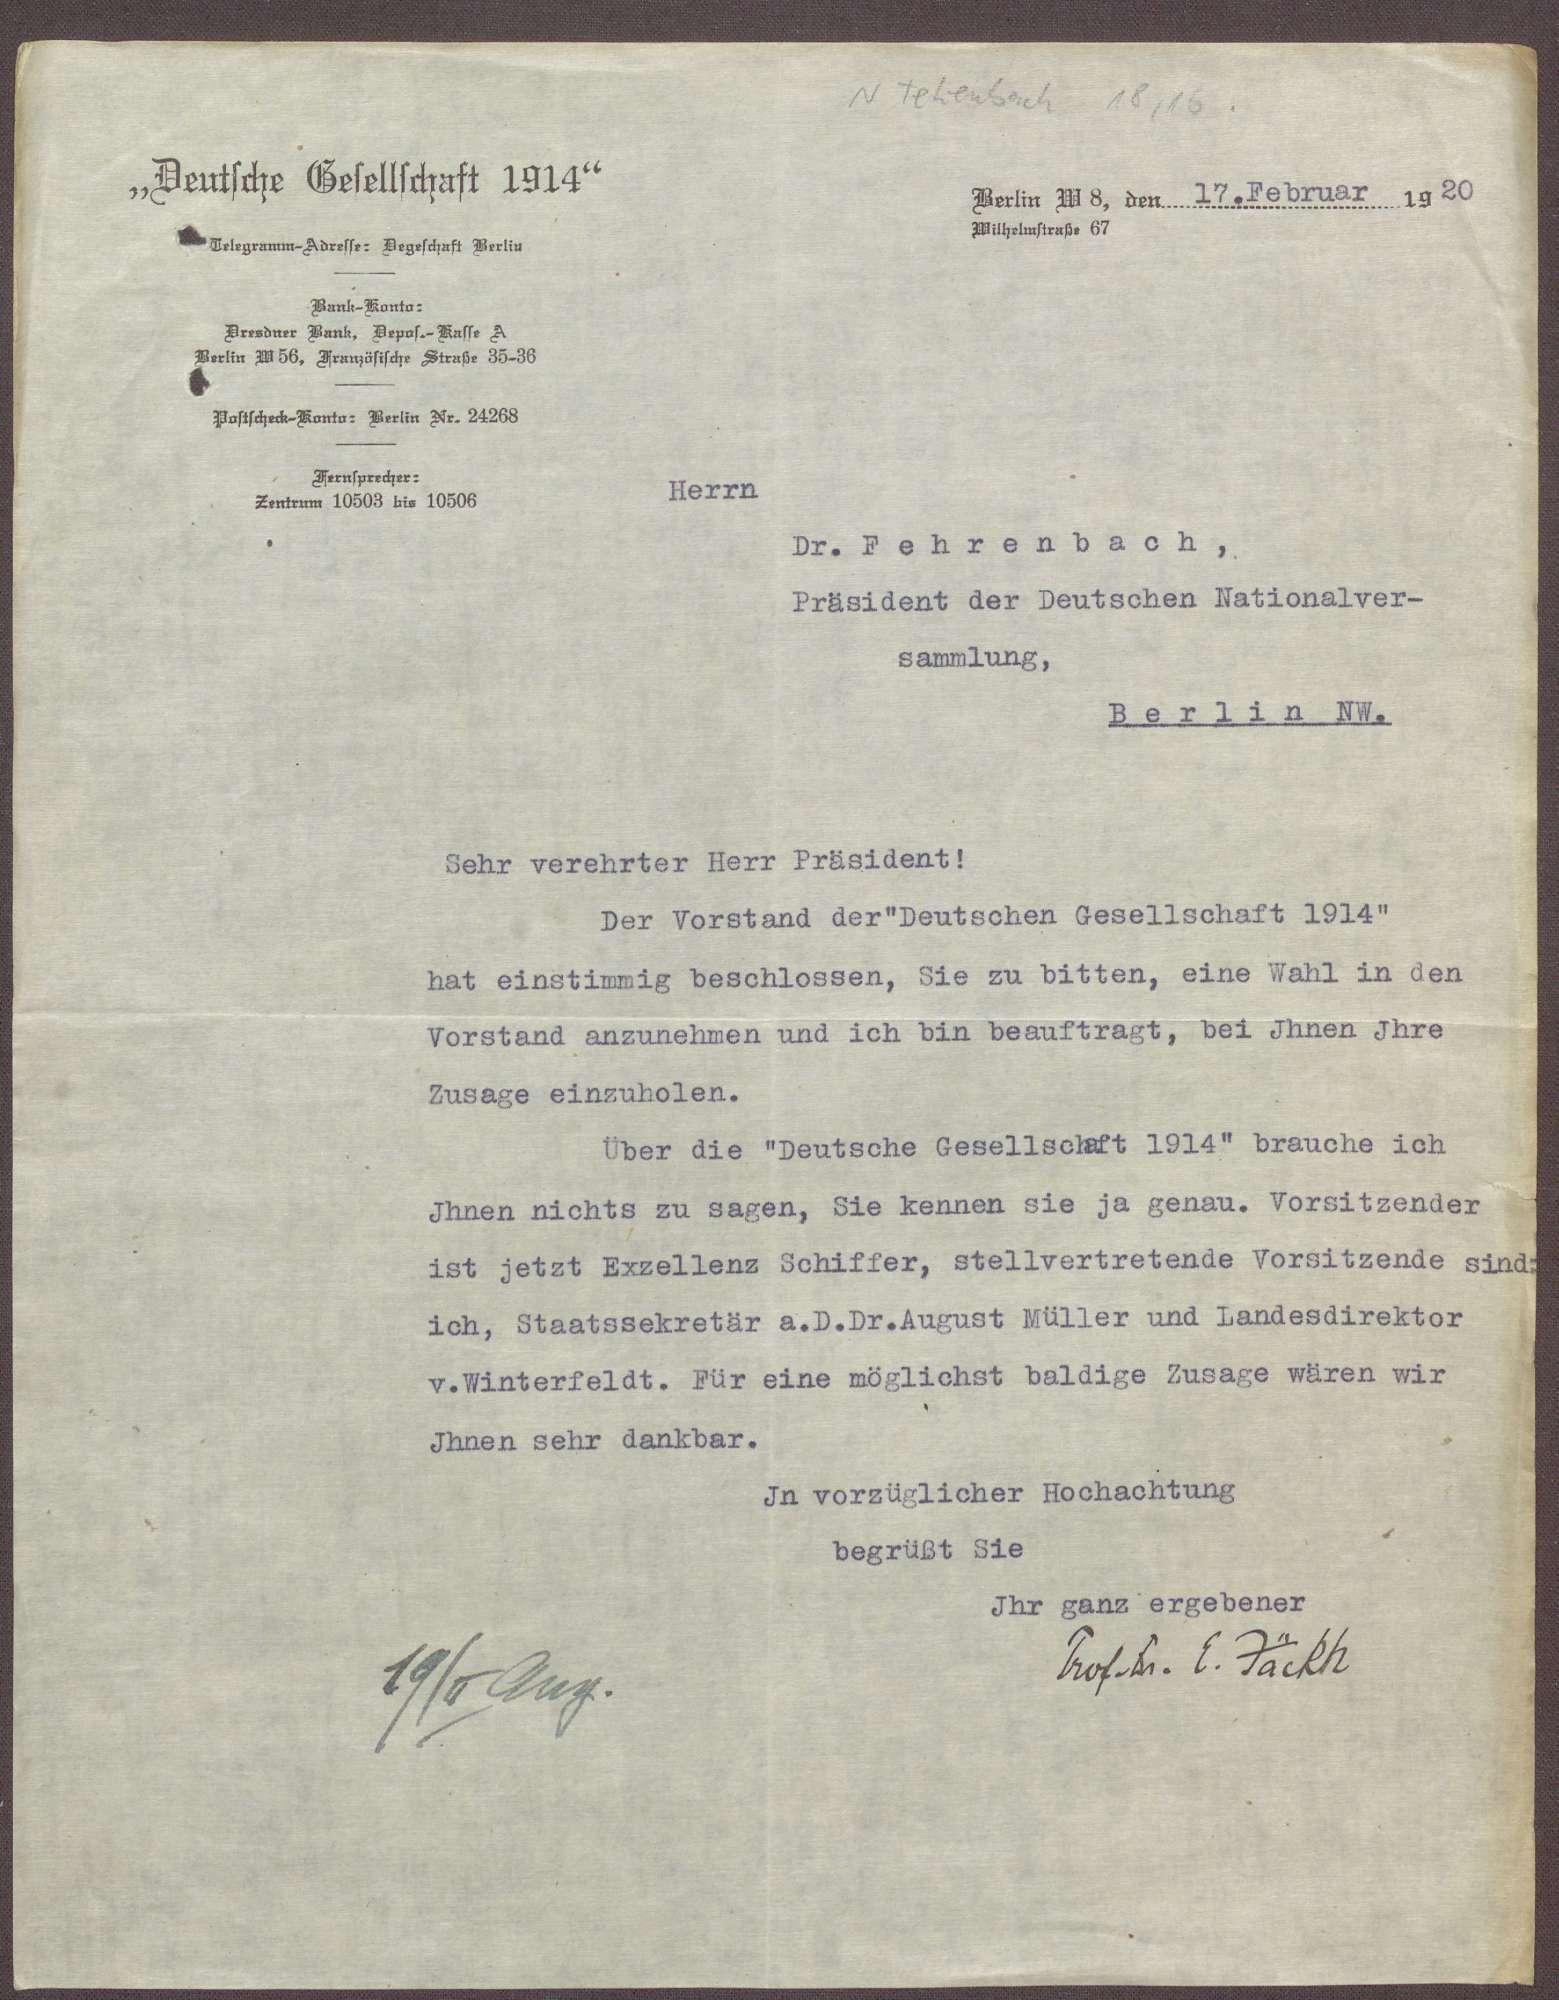 """Wahl von Constantin Fehrenbach in den Vorstand der """"Deutsche Gesellschaft 1914"""", Berlin, Bild 1"""